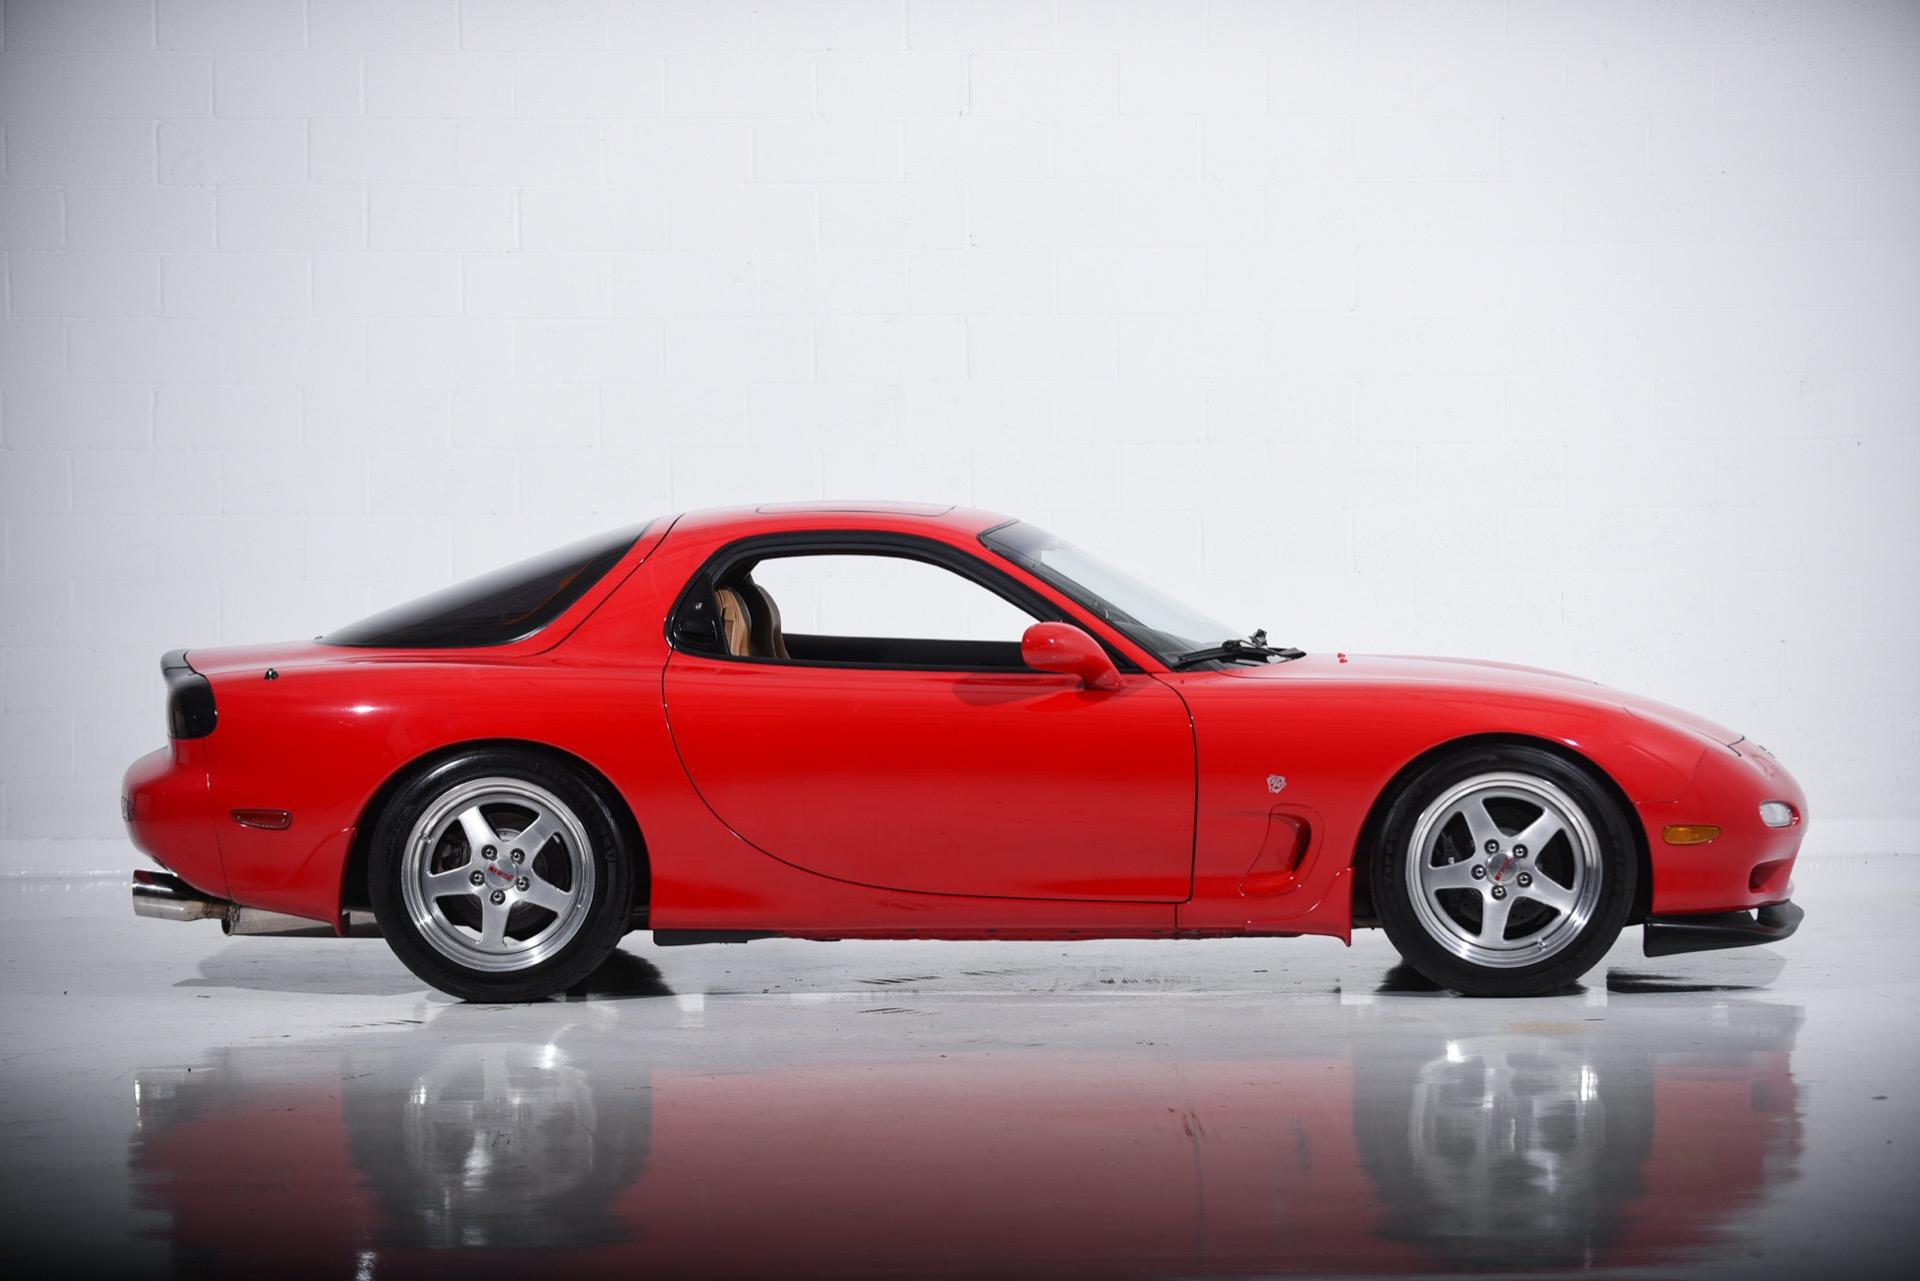 1995 Mazda RX-7 Turbo